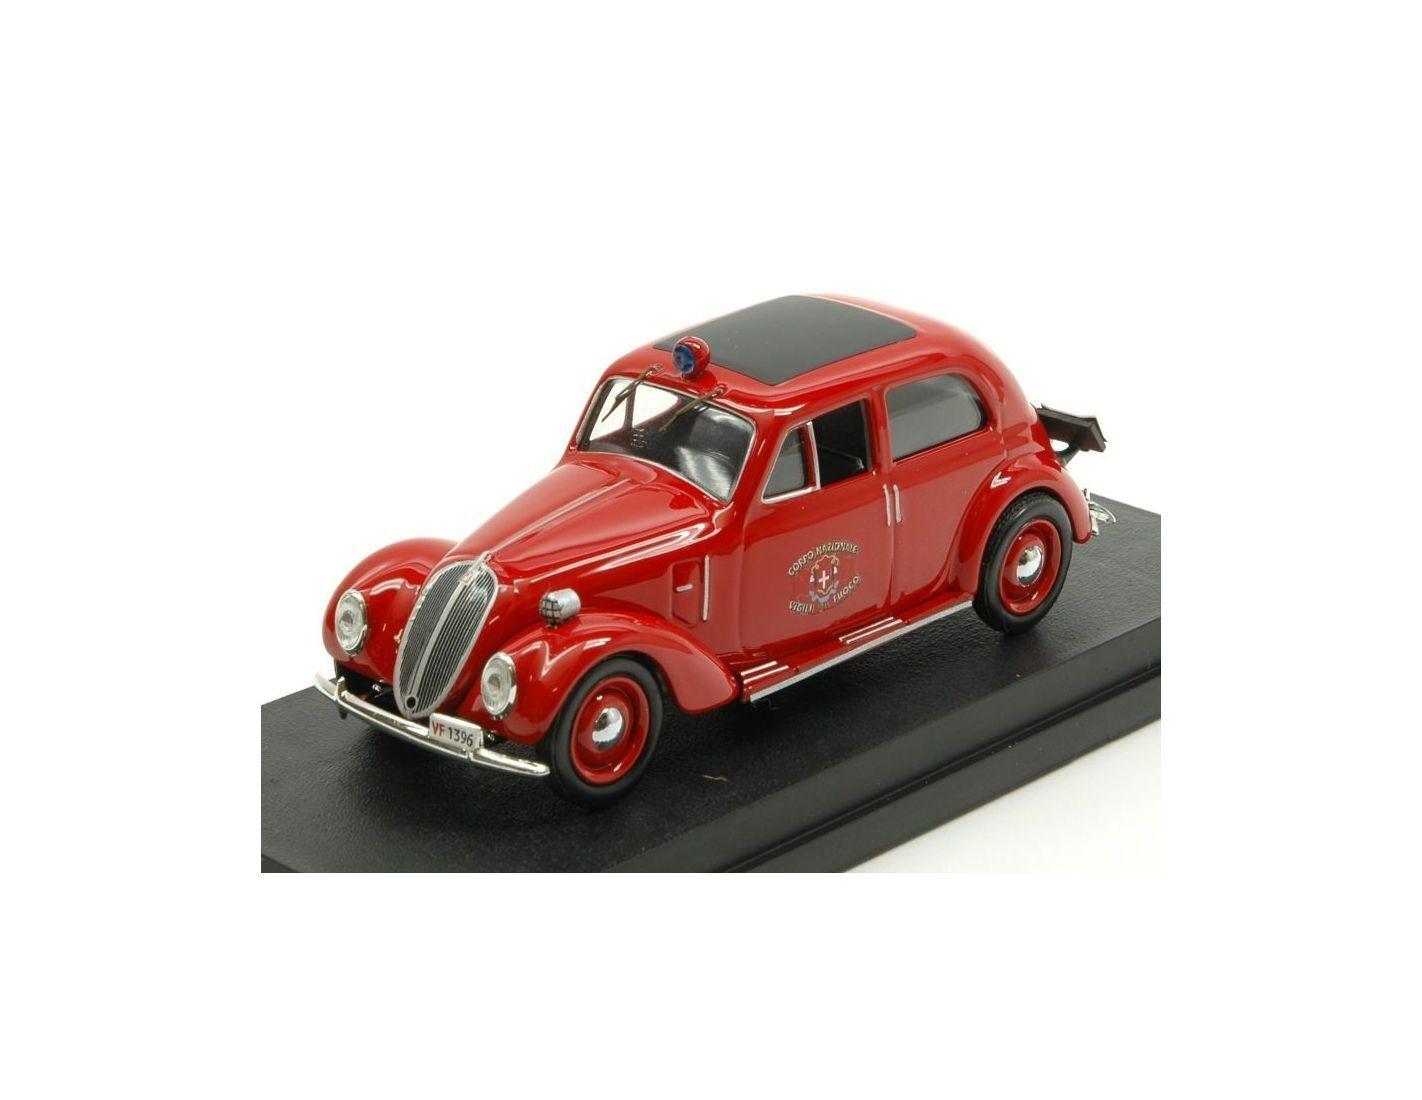 Rio RI4512 FIAT 1500 6C VIGILI DEL FUOCO 1948 1 43 Modellino